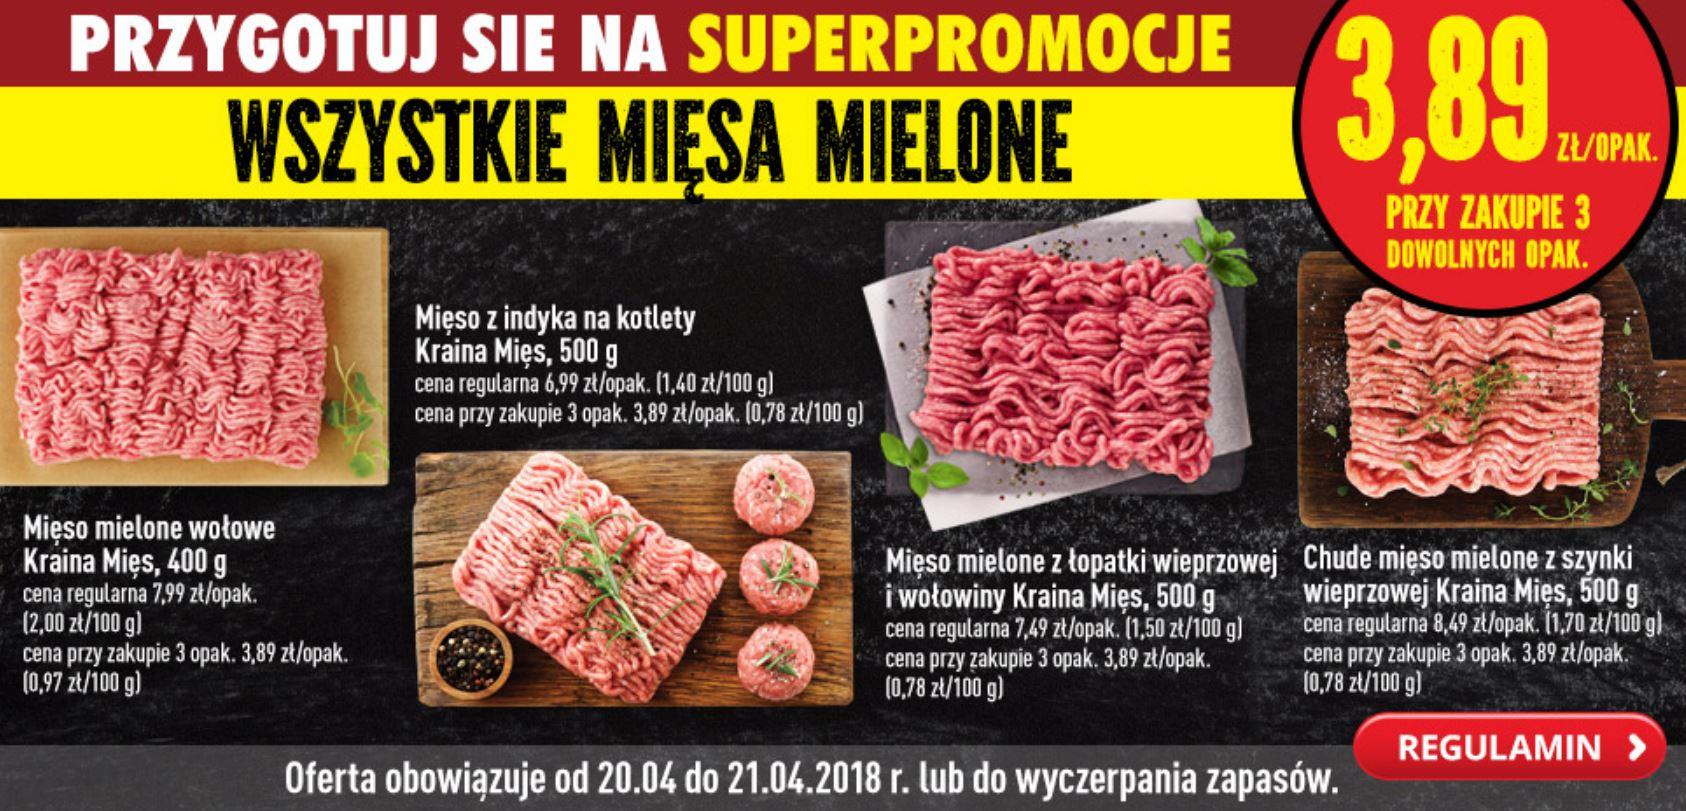 W Biedronce mielona wołowina po 9,73 zł/kg przy zakupie 3x 400 g, czyli 1,2 kg za 11,67 zł